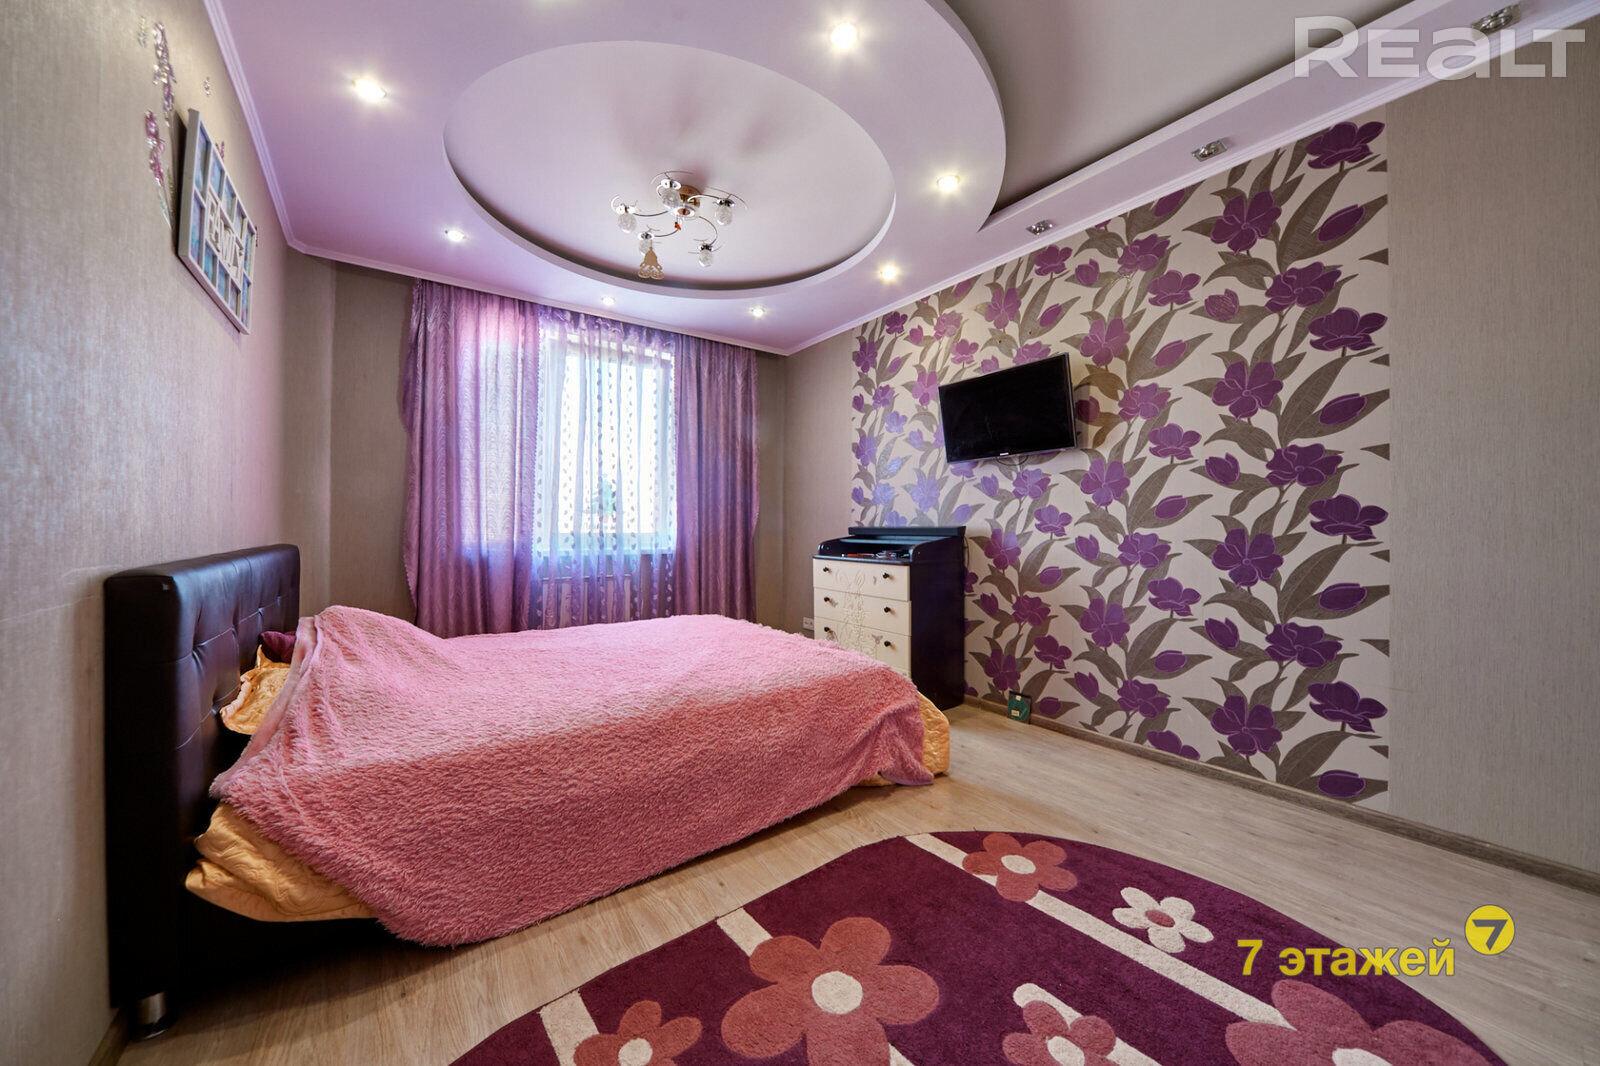 Уютная, светлая, просторная 2-х комнатная квартира с красивым ремонтом